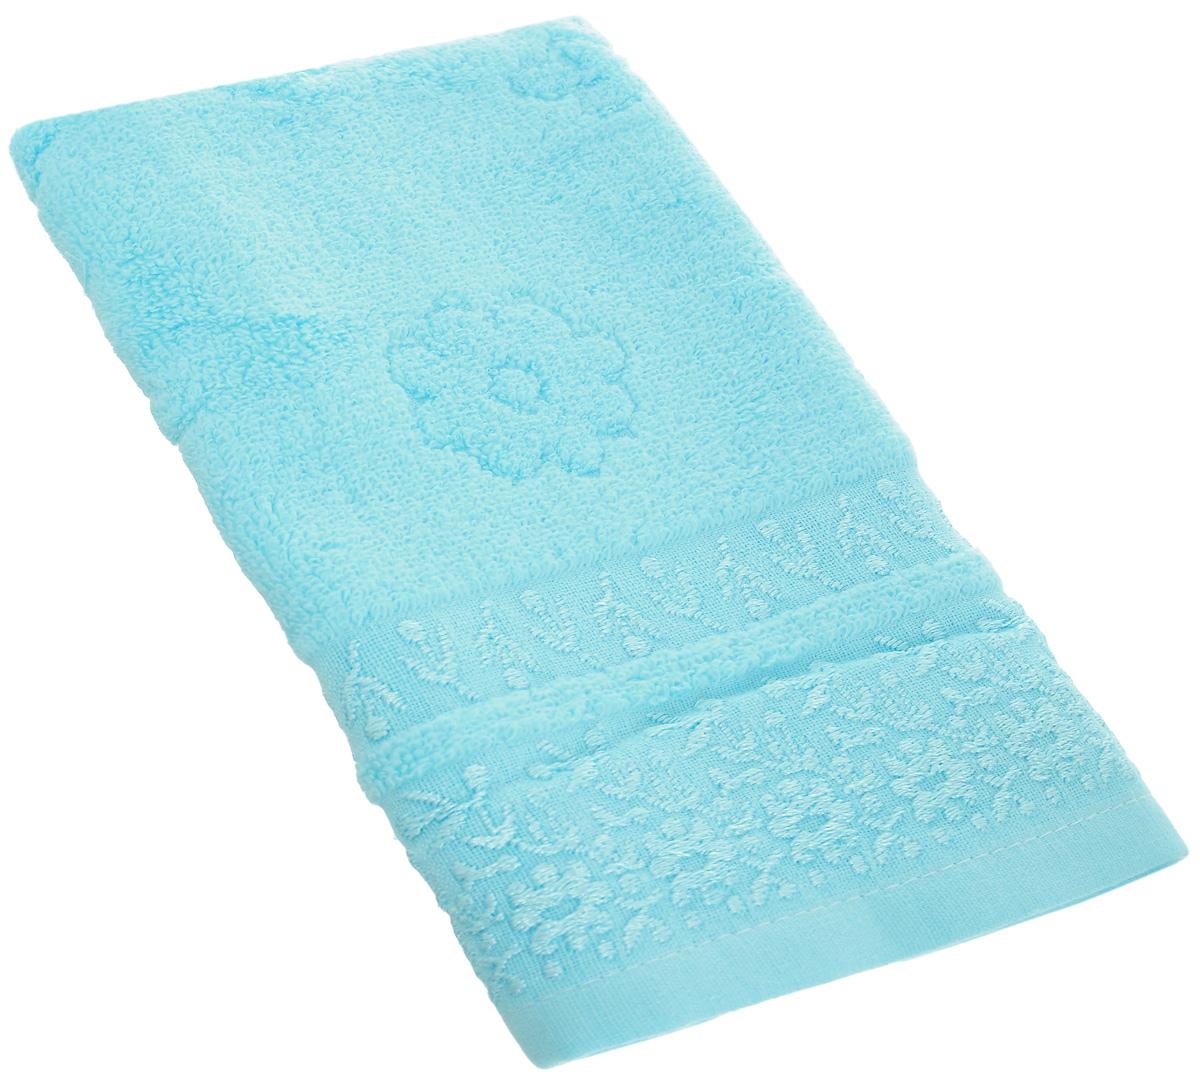 Полотенце Arya Finestra, цвет: голубой, 30 х 50 смF0007484_голубойПолотенце Arya Punto выполнено из 100% хлопка. Изделие отлично впитывает влагу, быстро сохнет, сохраняет яркость цвета и не теряет форму даже после многократных стирок. Такое полотенце очень практично и неприхотливо в уходе. Оно создаст прекрасное настроение и украсит интерьер в ванной комнате.